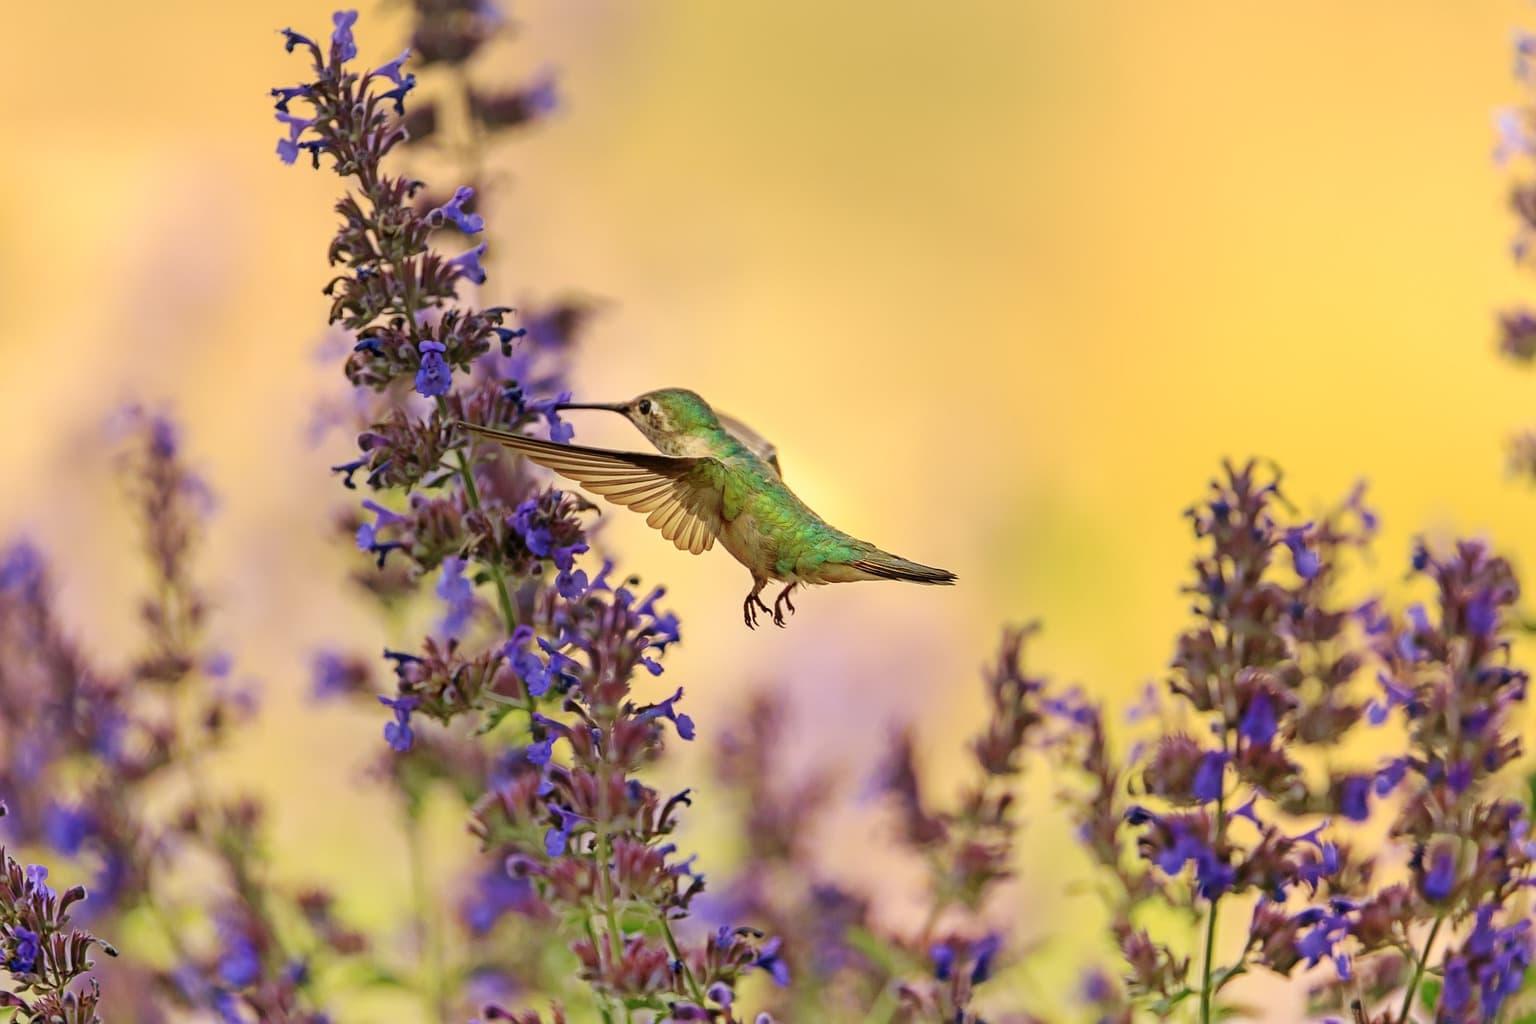 fotografía de un pájaro y flores